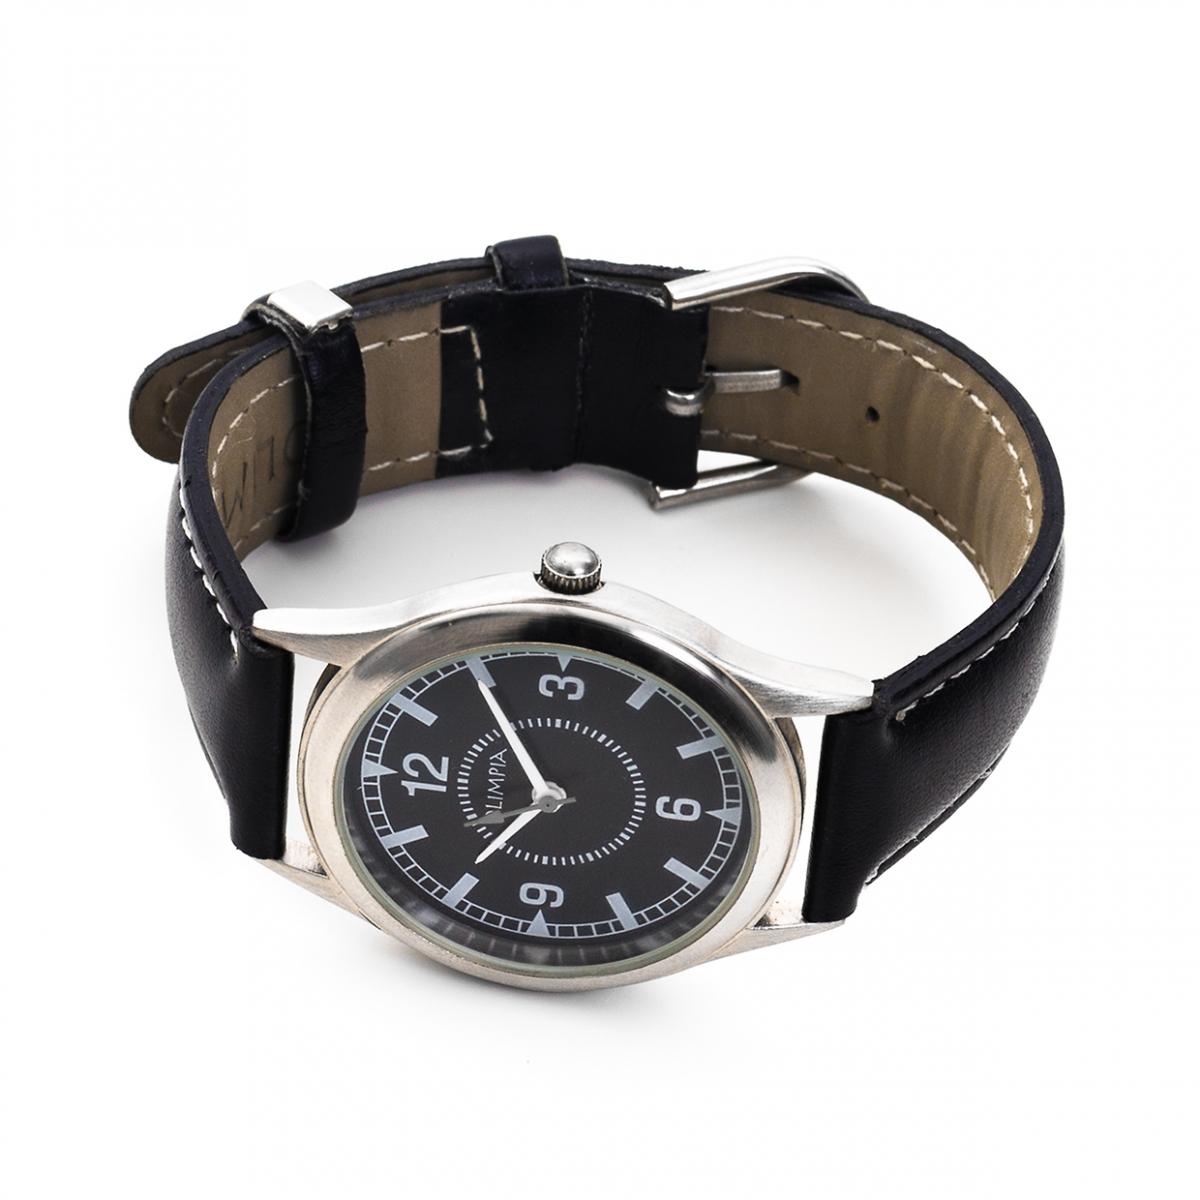 Imagen en la que se ve un reloj de pulsera